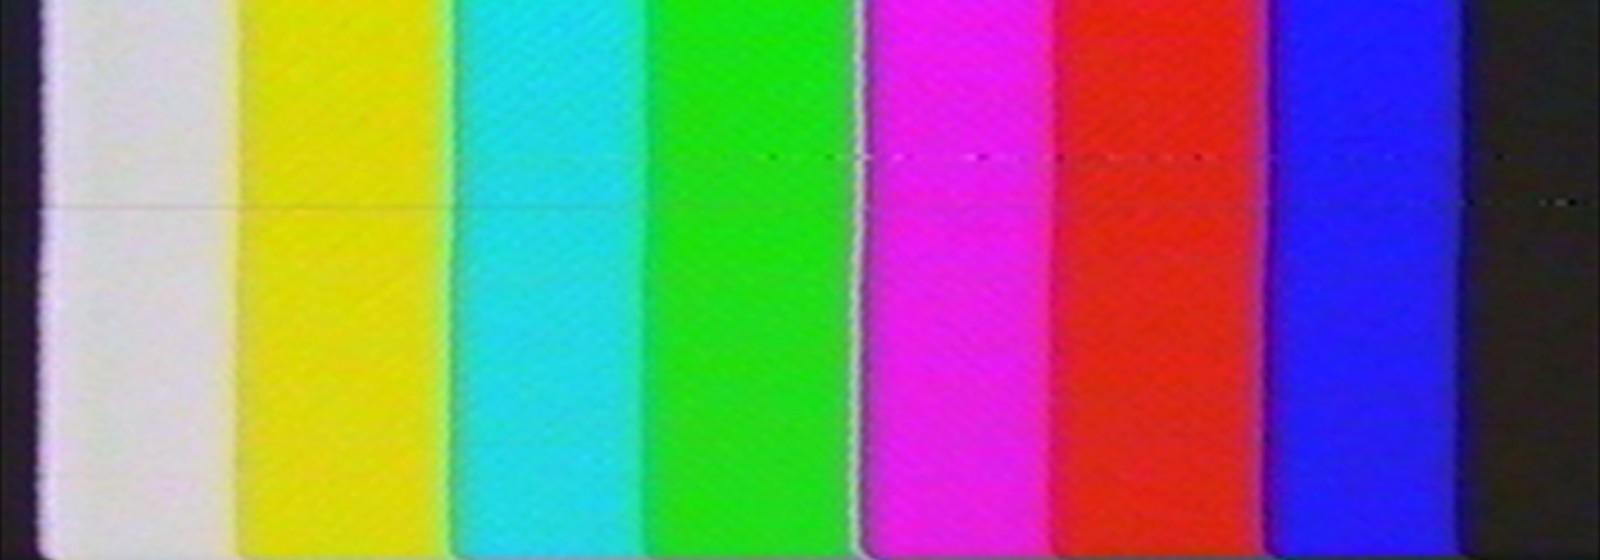 Composite-2009-01-14_20-14-03h 1